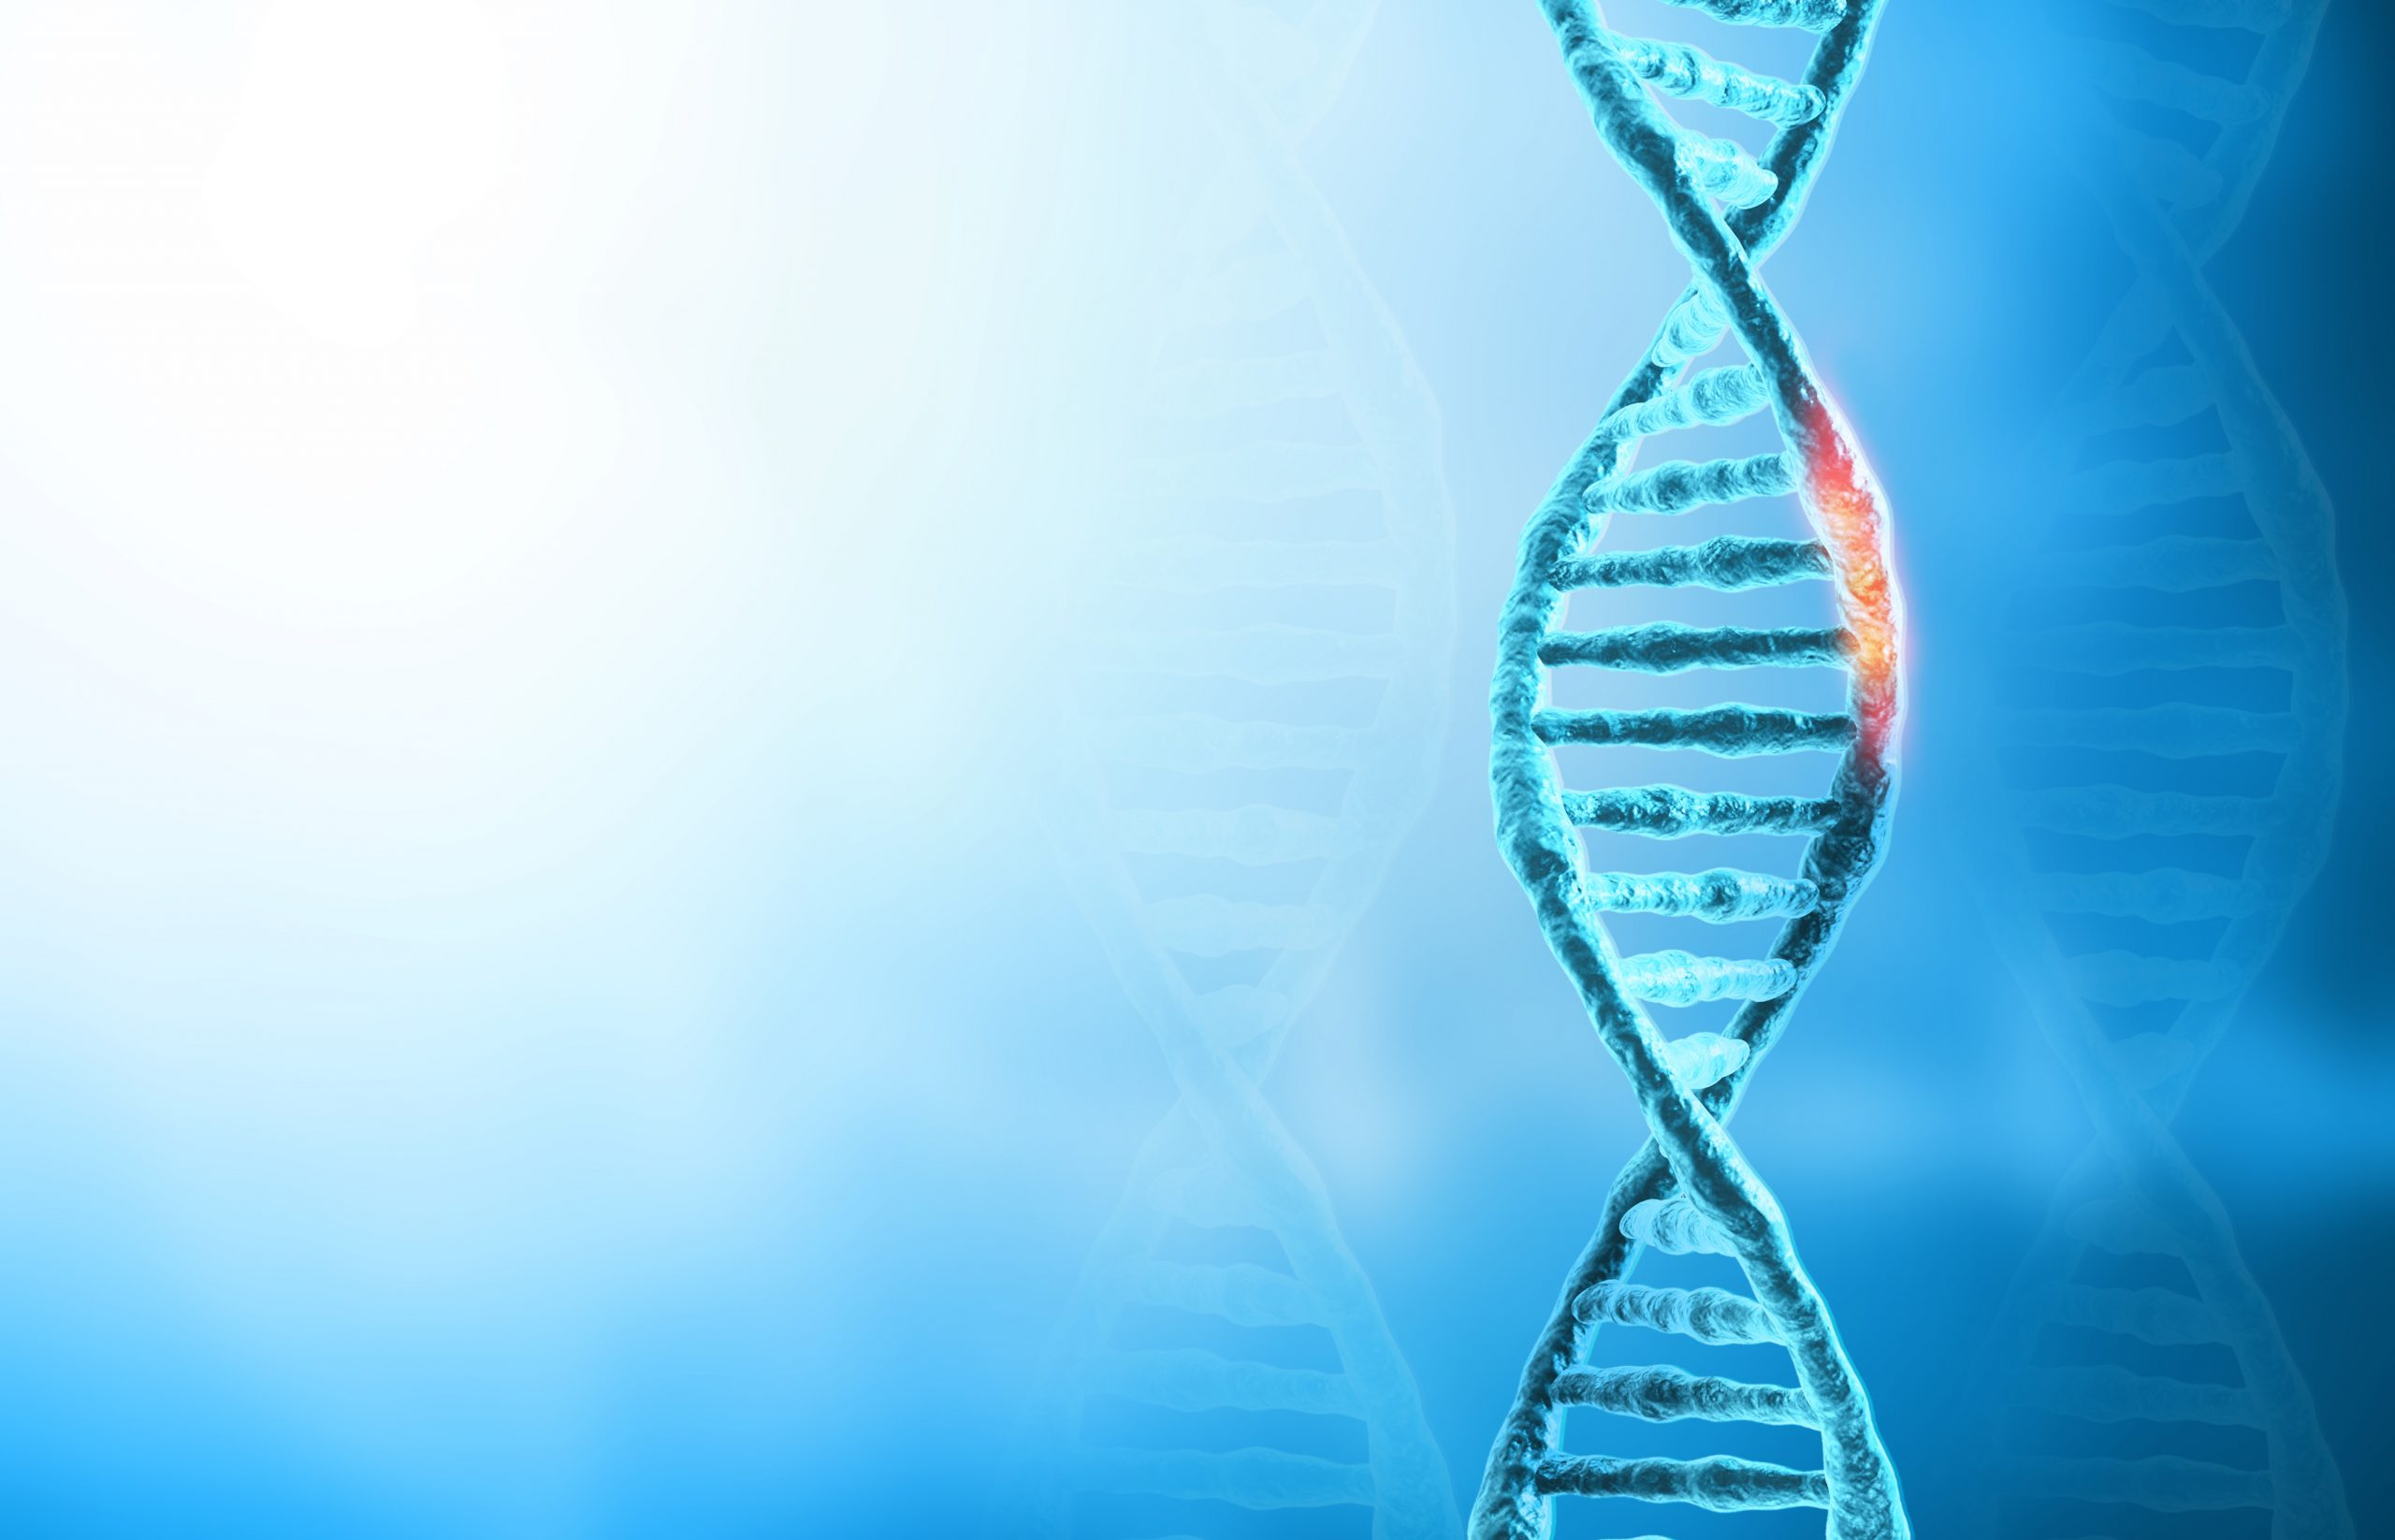 活性酸素の中でもっとも酸化力が強いヒドロキシラジカル